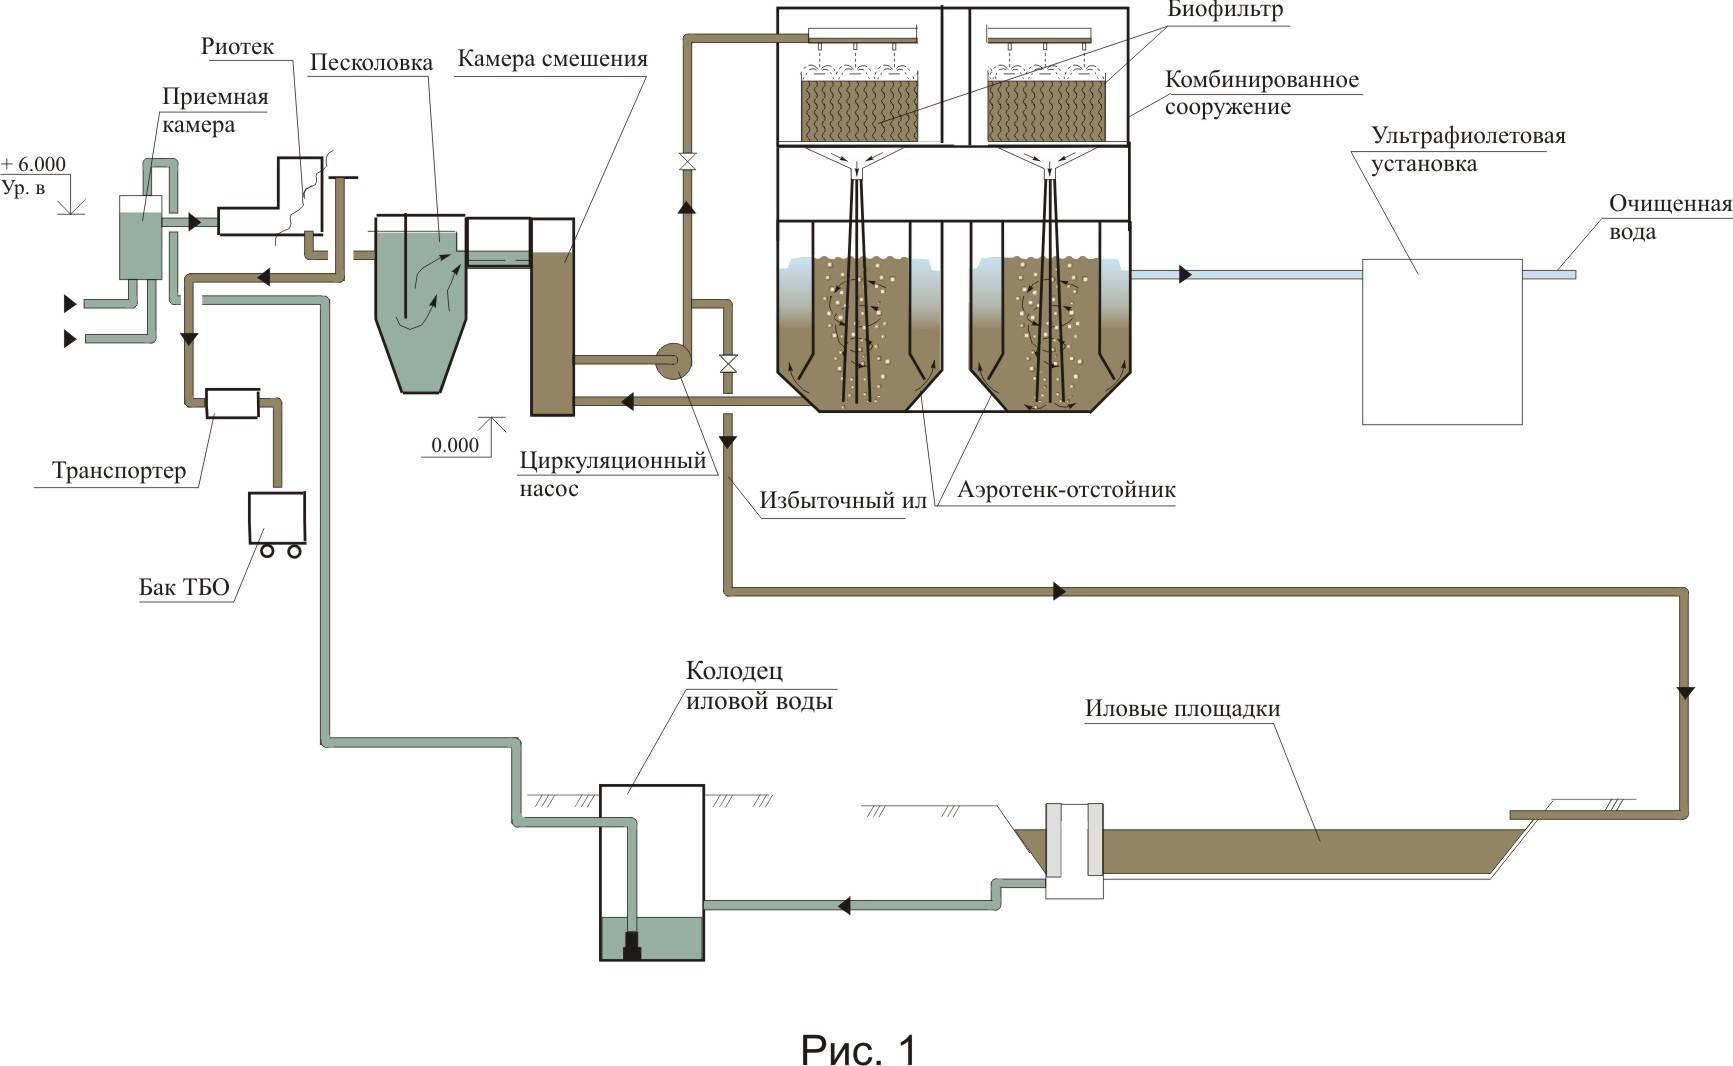 Аэротенк: схема аэротенка для очистки сточных вод и принцип работы, вытеснители и смесители, другие виды, с помощью которых очищают воды